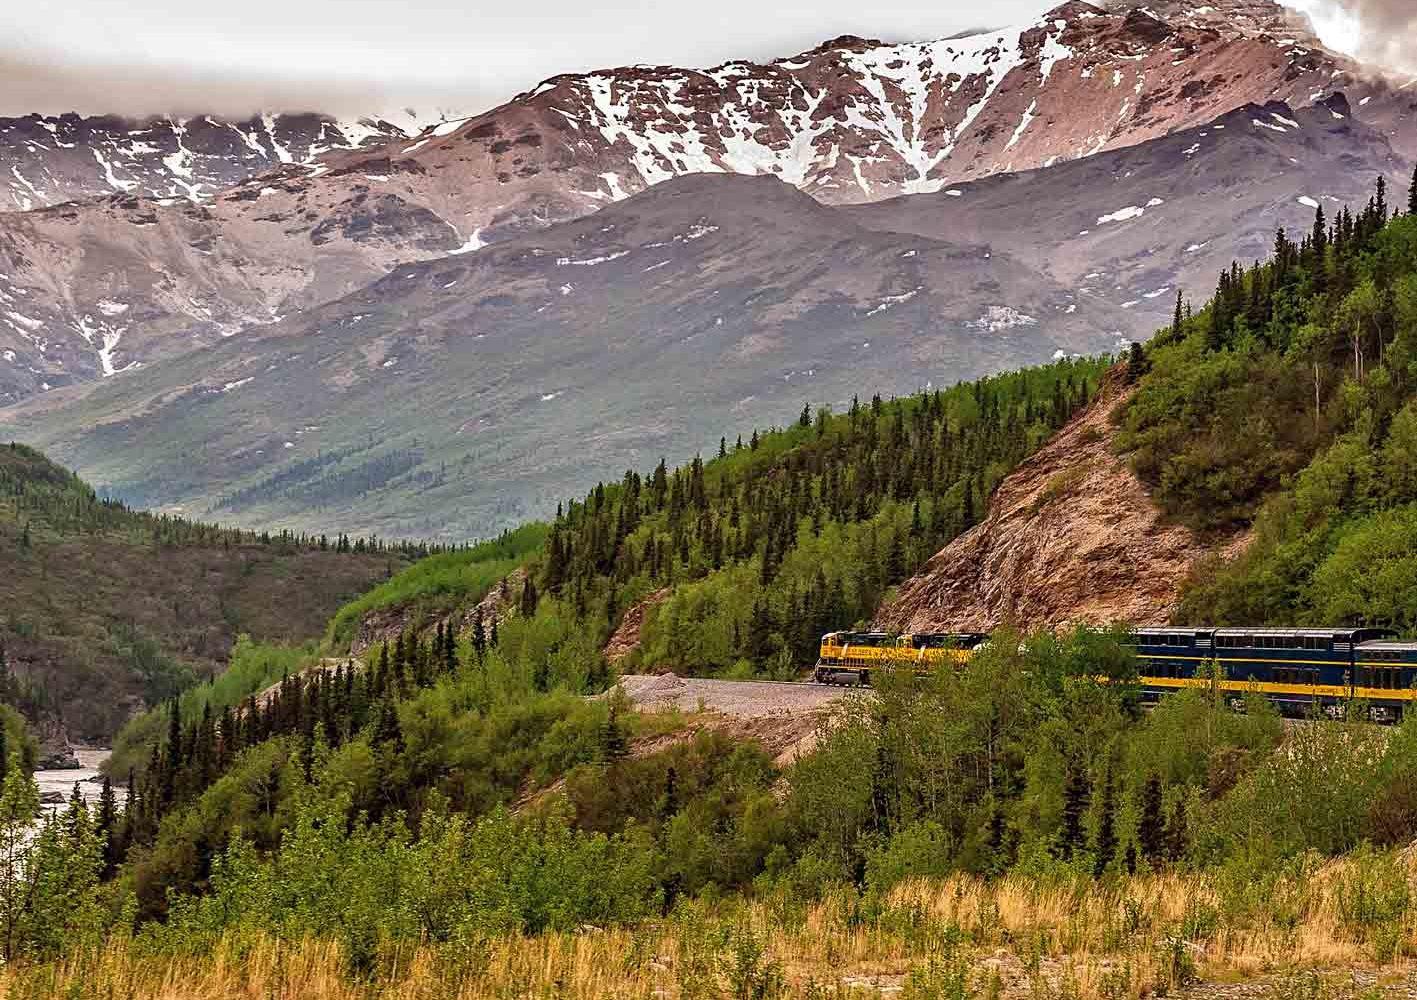 Zugfahrt durch die spektakuläre Landschaft von Alaska